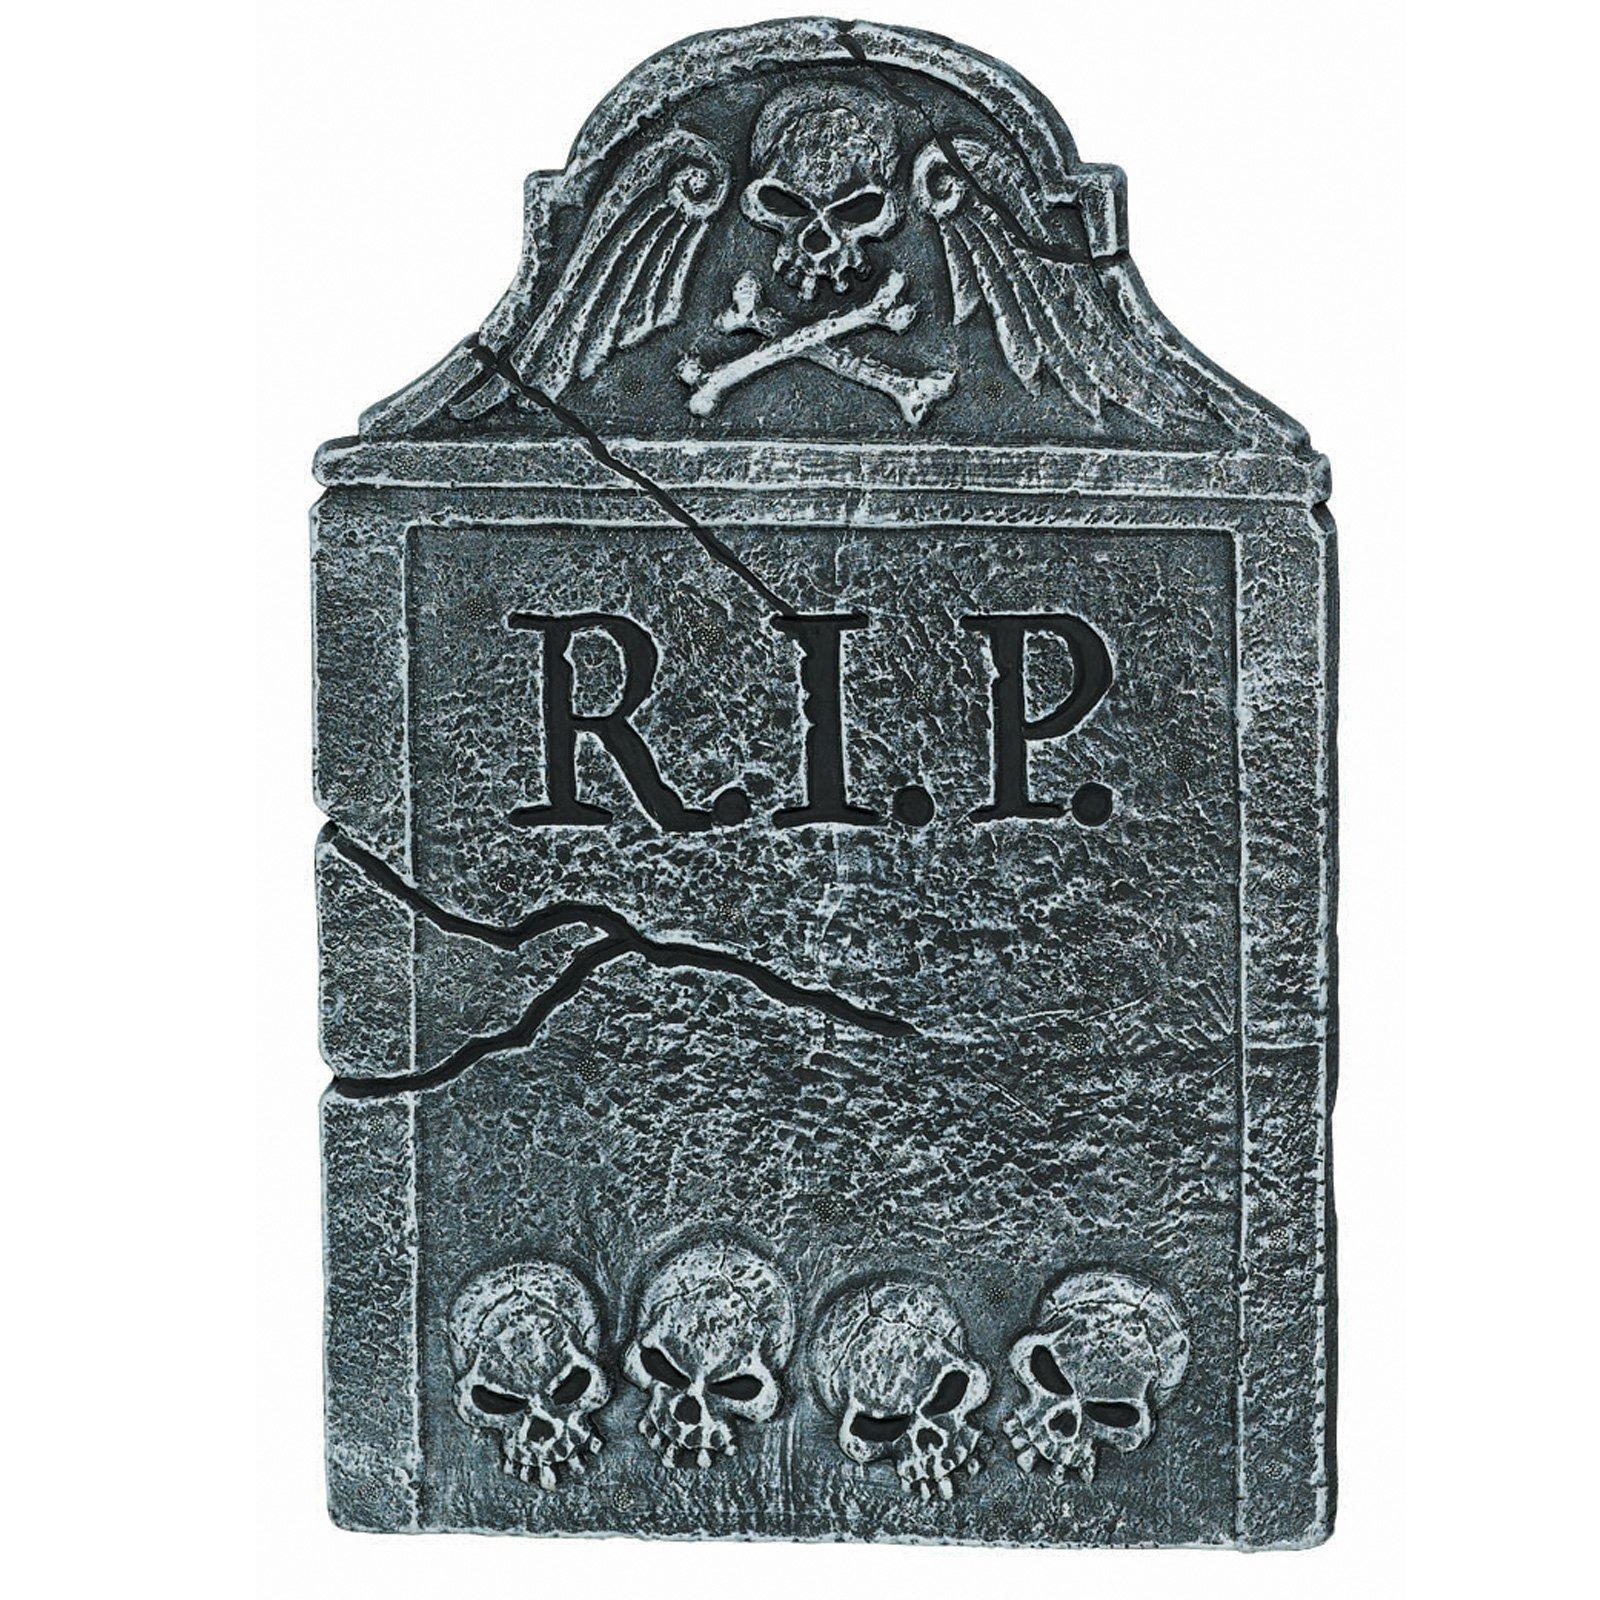 La jianshe de un usuario de t4r1ng4 Rip-tombstone%255B2%255D